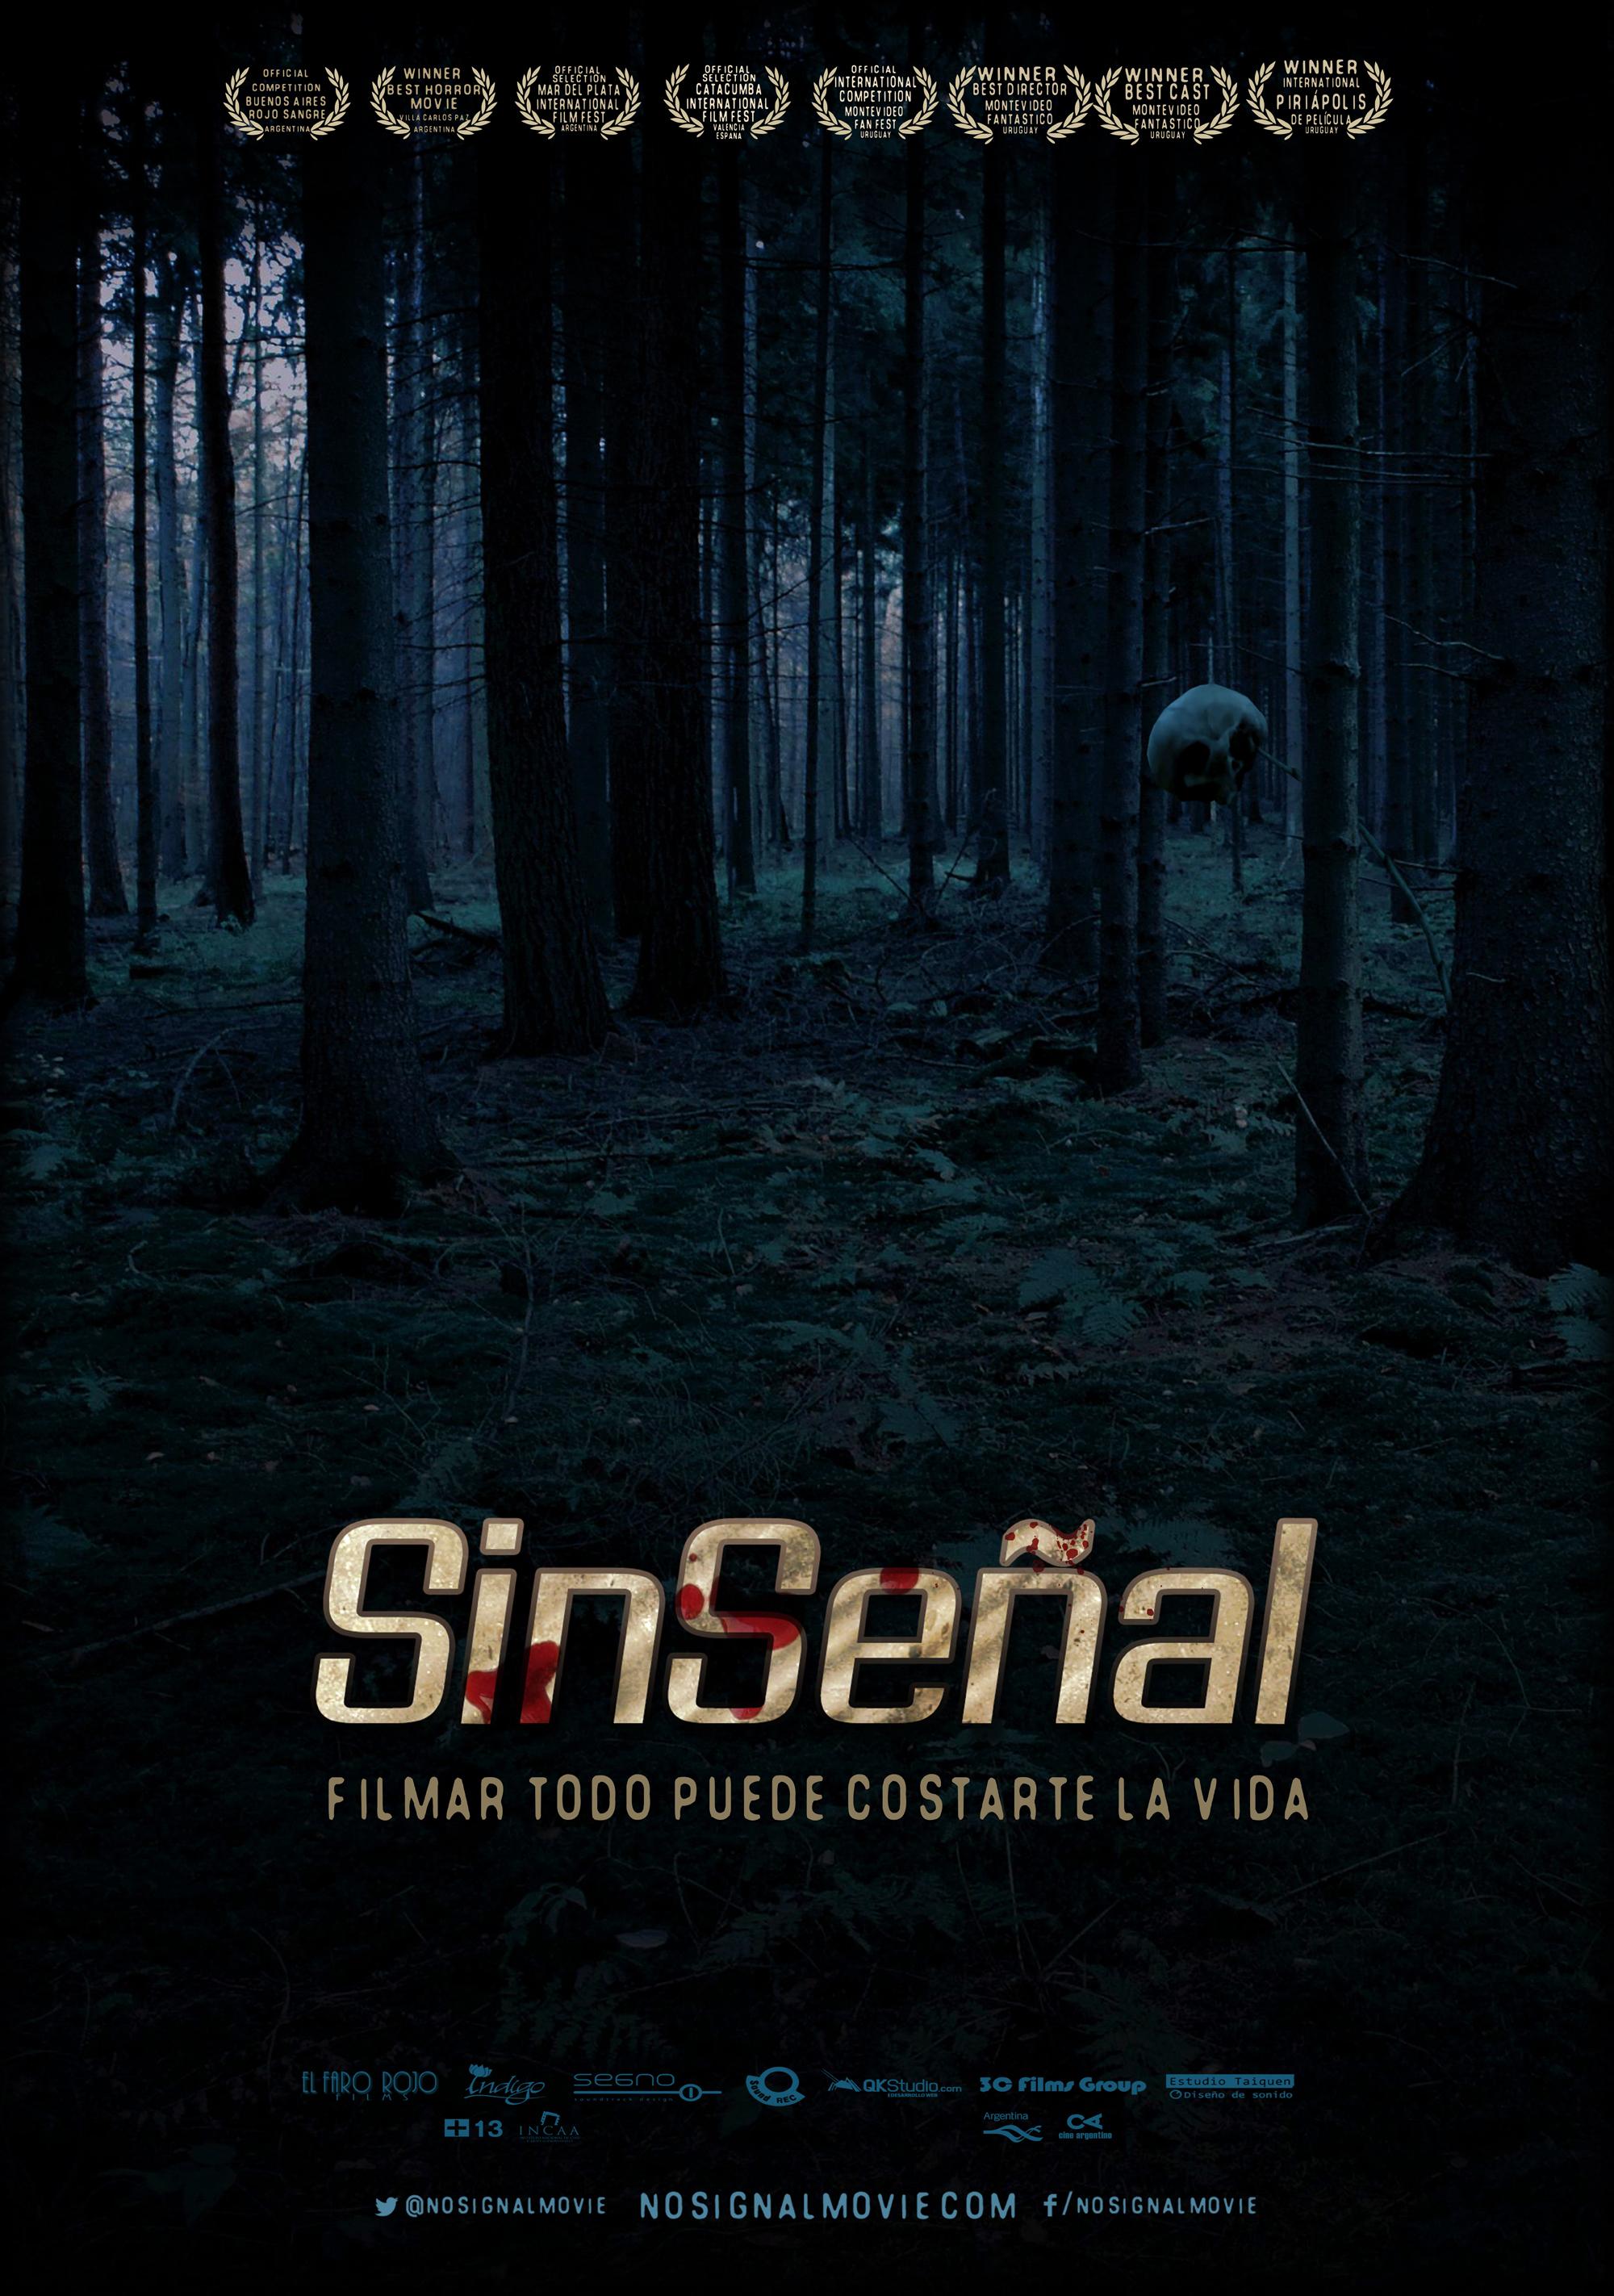 File:Afiche oficial de la película Sin Señal.jpg